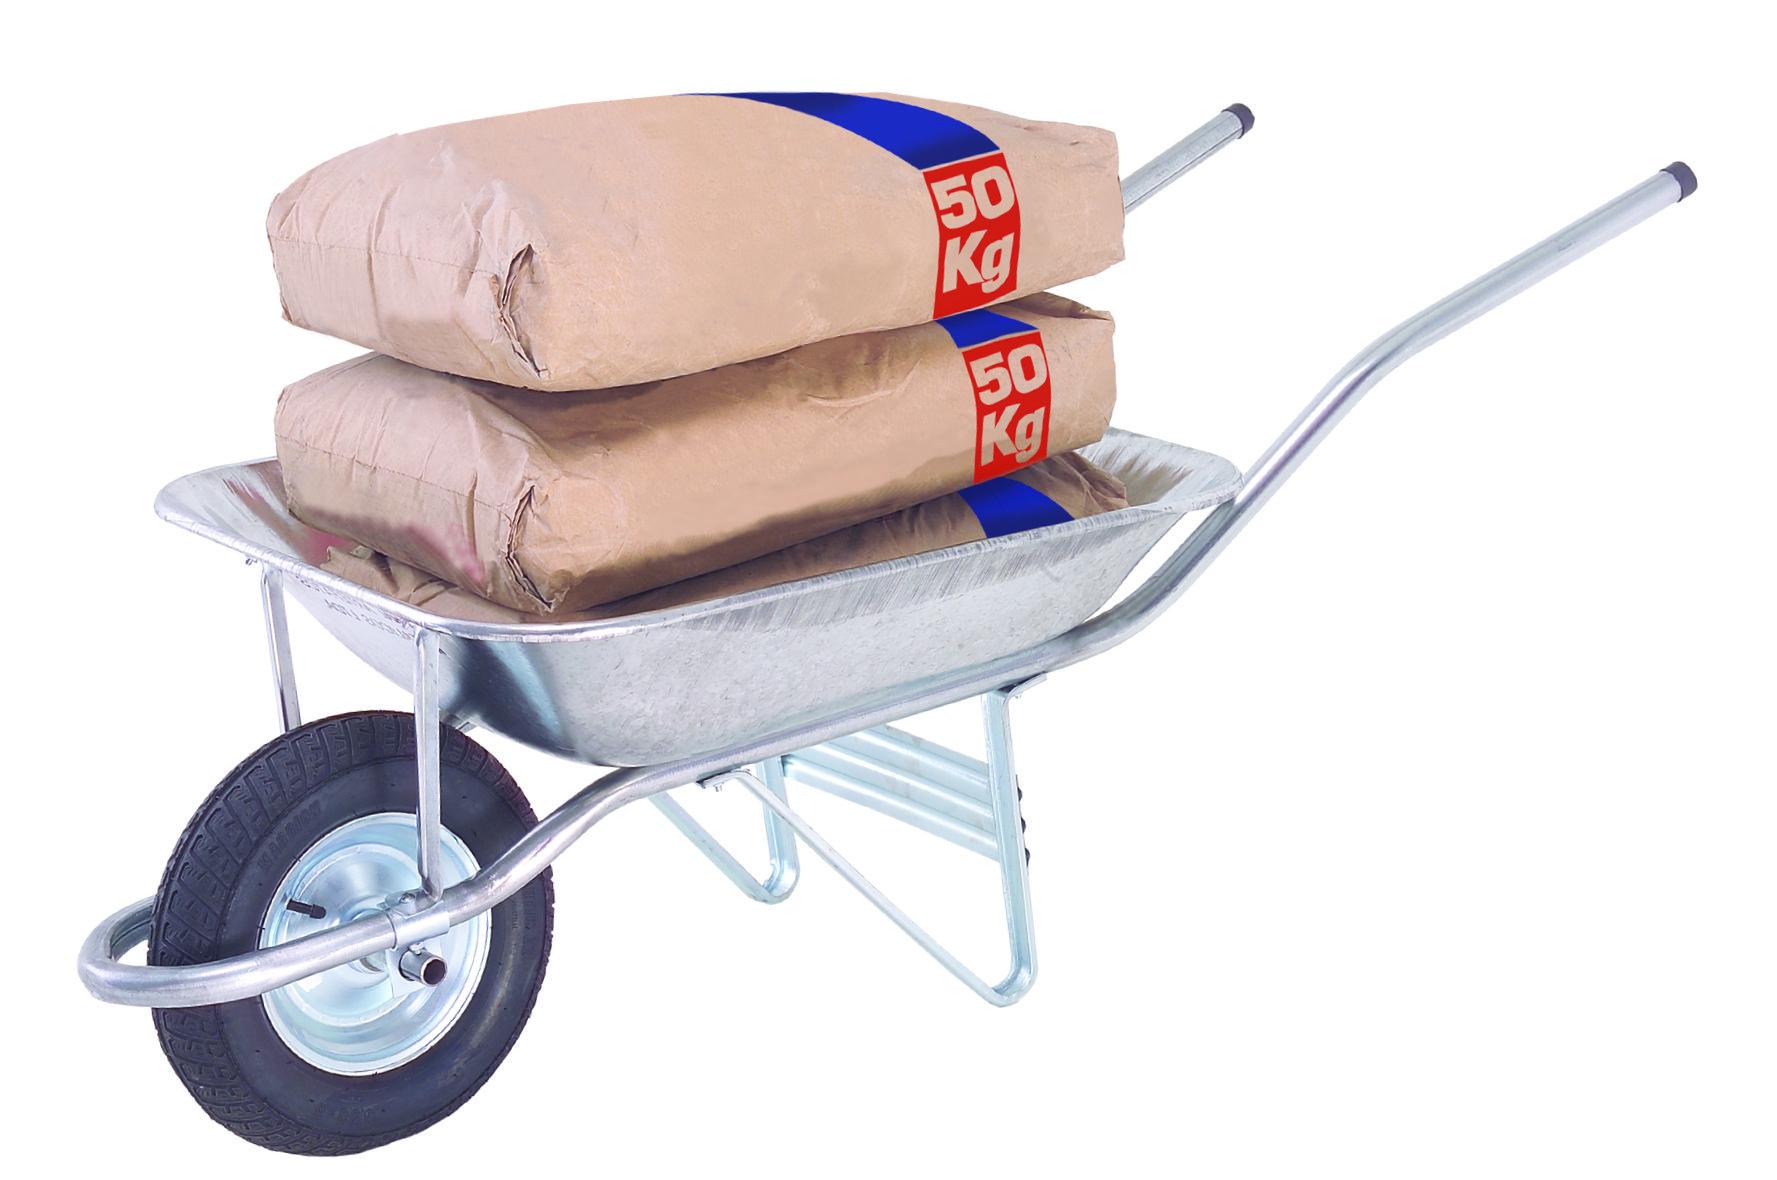 carrinho com cimento JPG